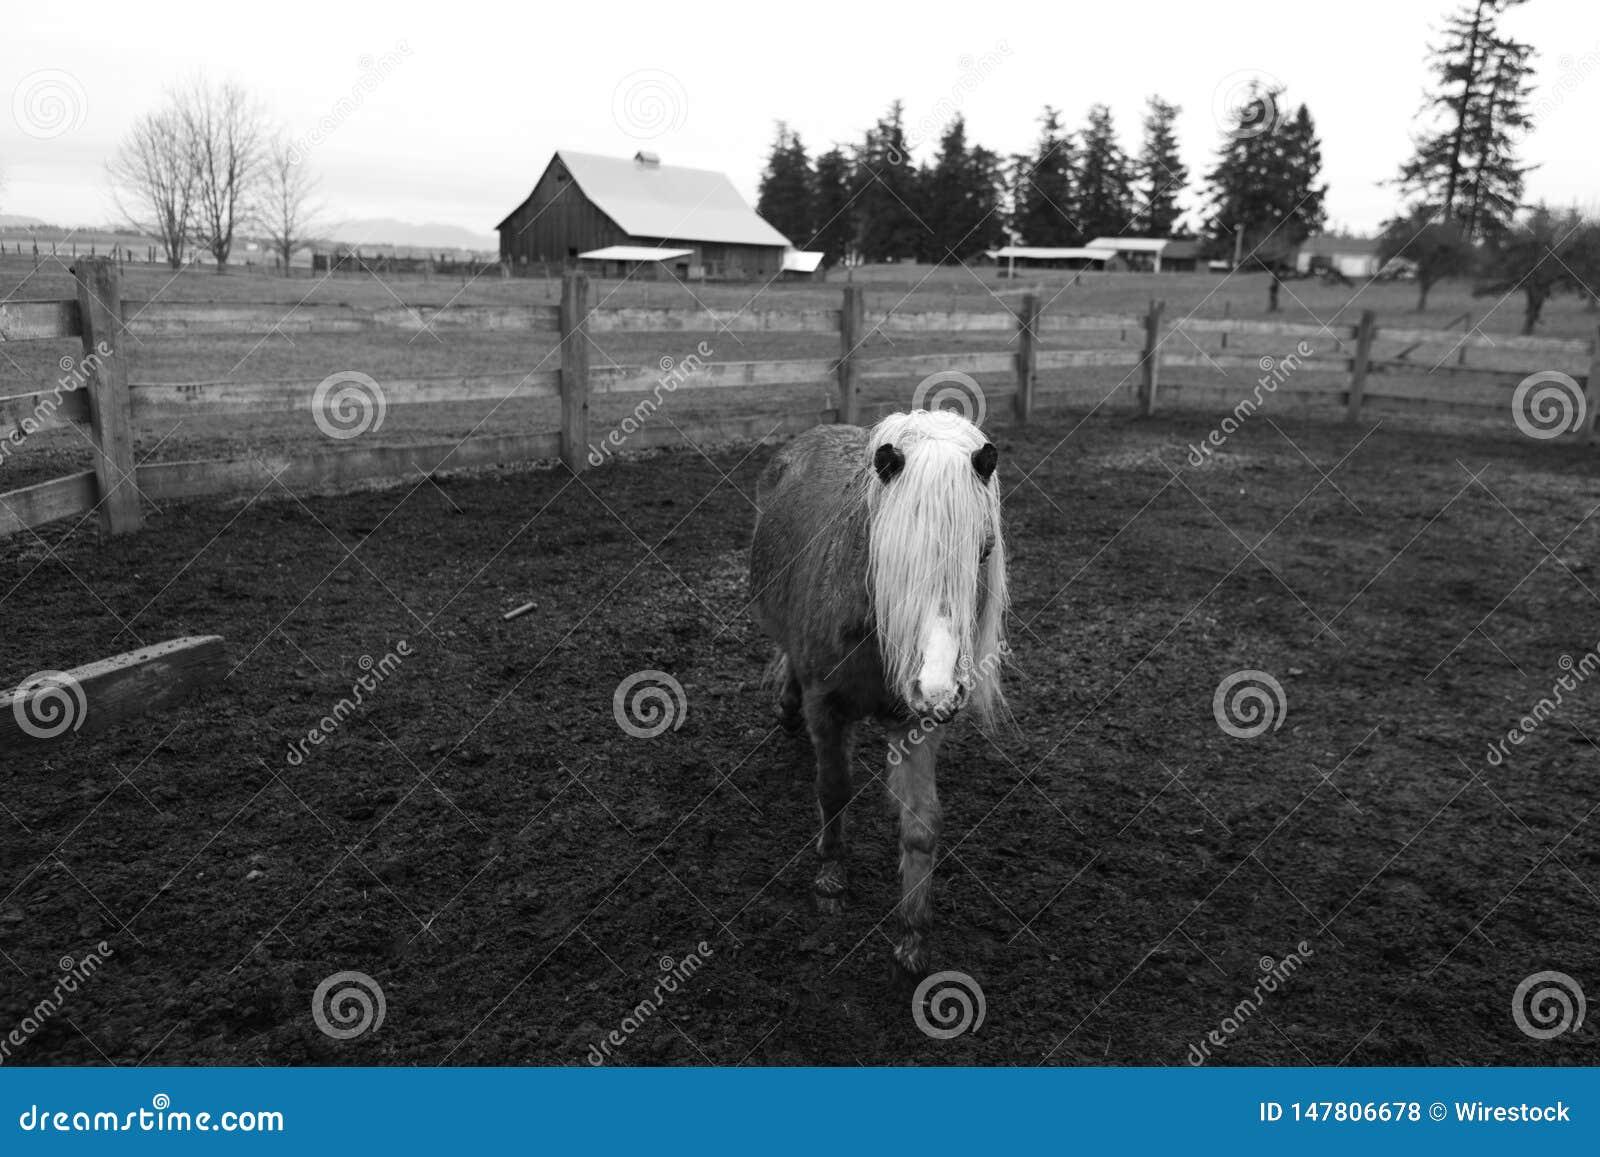 Ein schönes einzelnes junges Pony in einem Bauernhof